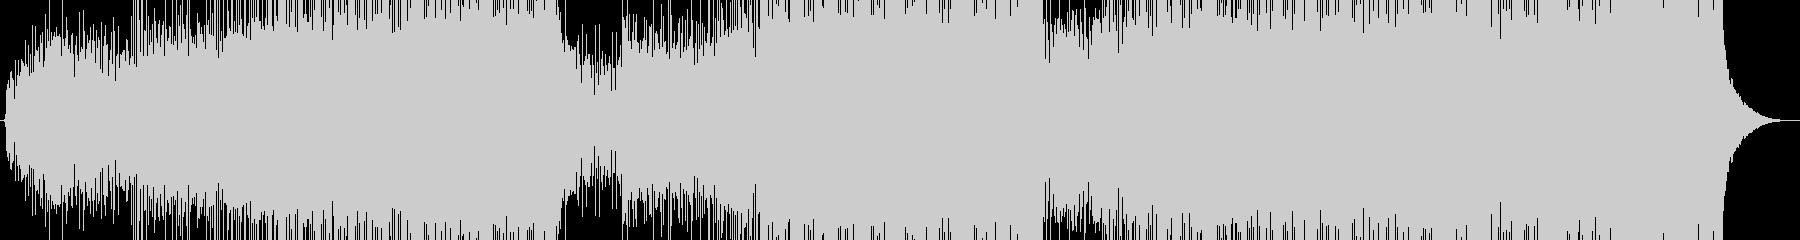 朝、爽やか高揚感のあるオープニングEDMの未再生の波形